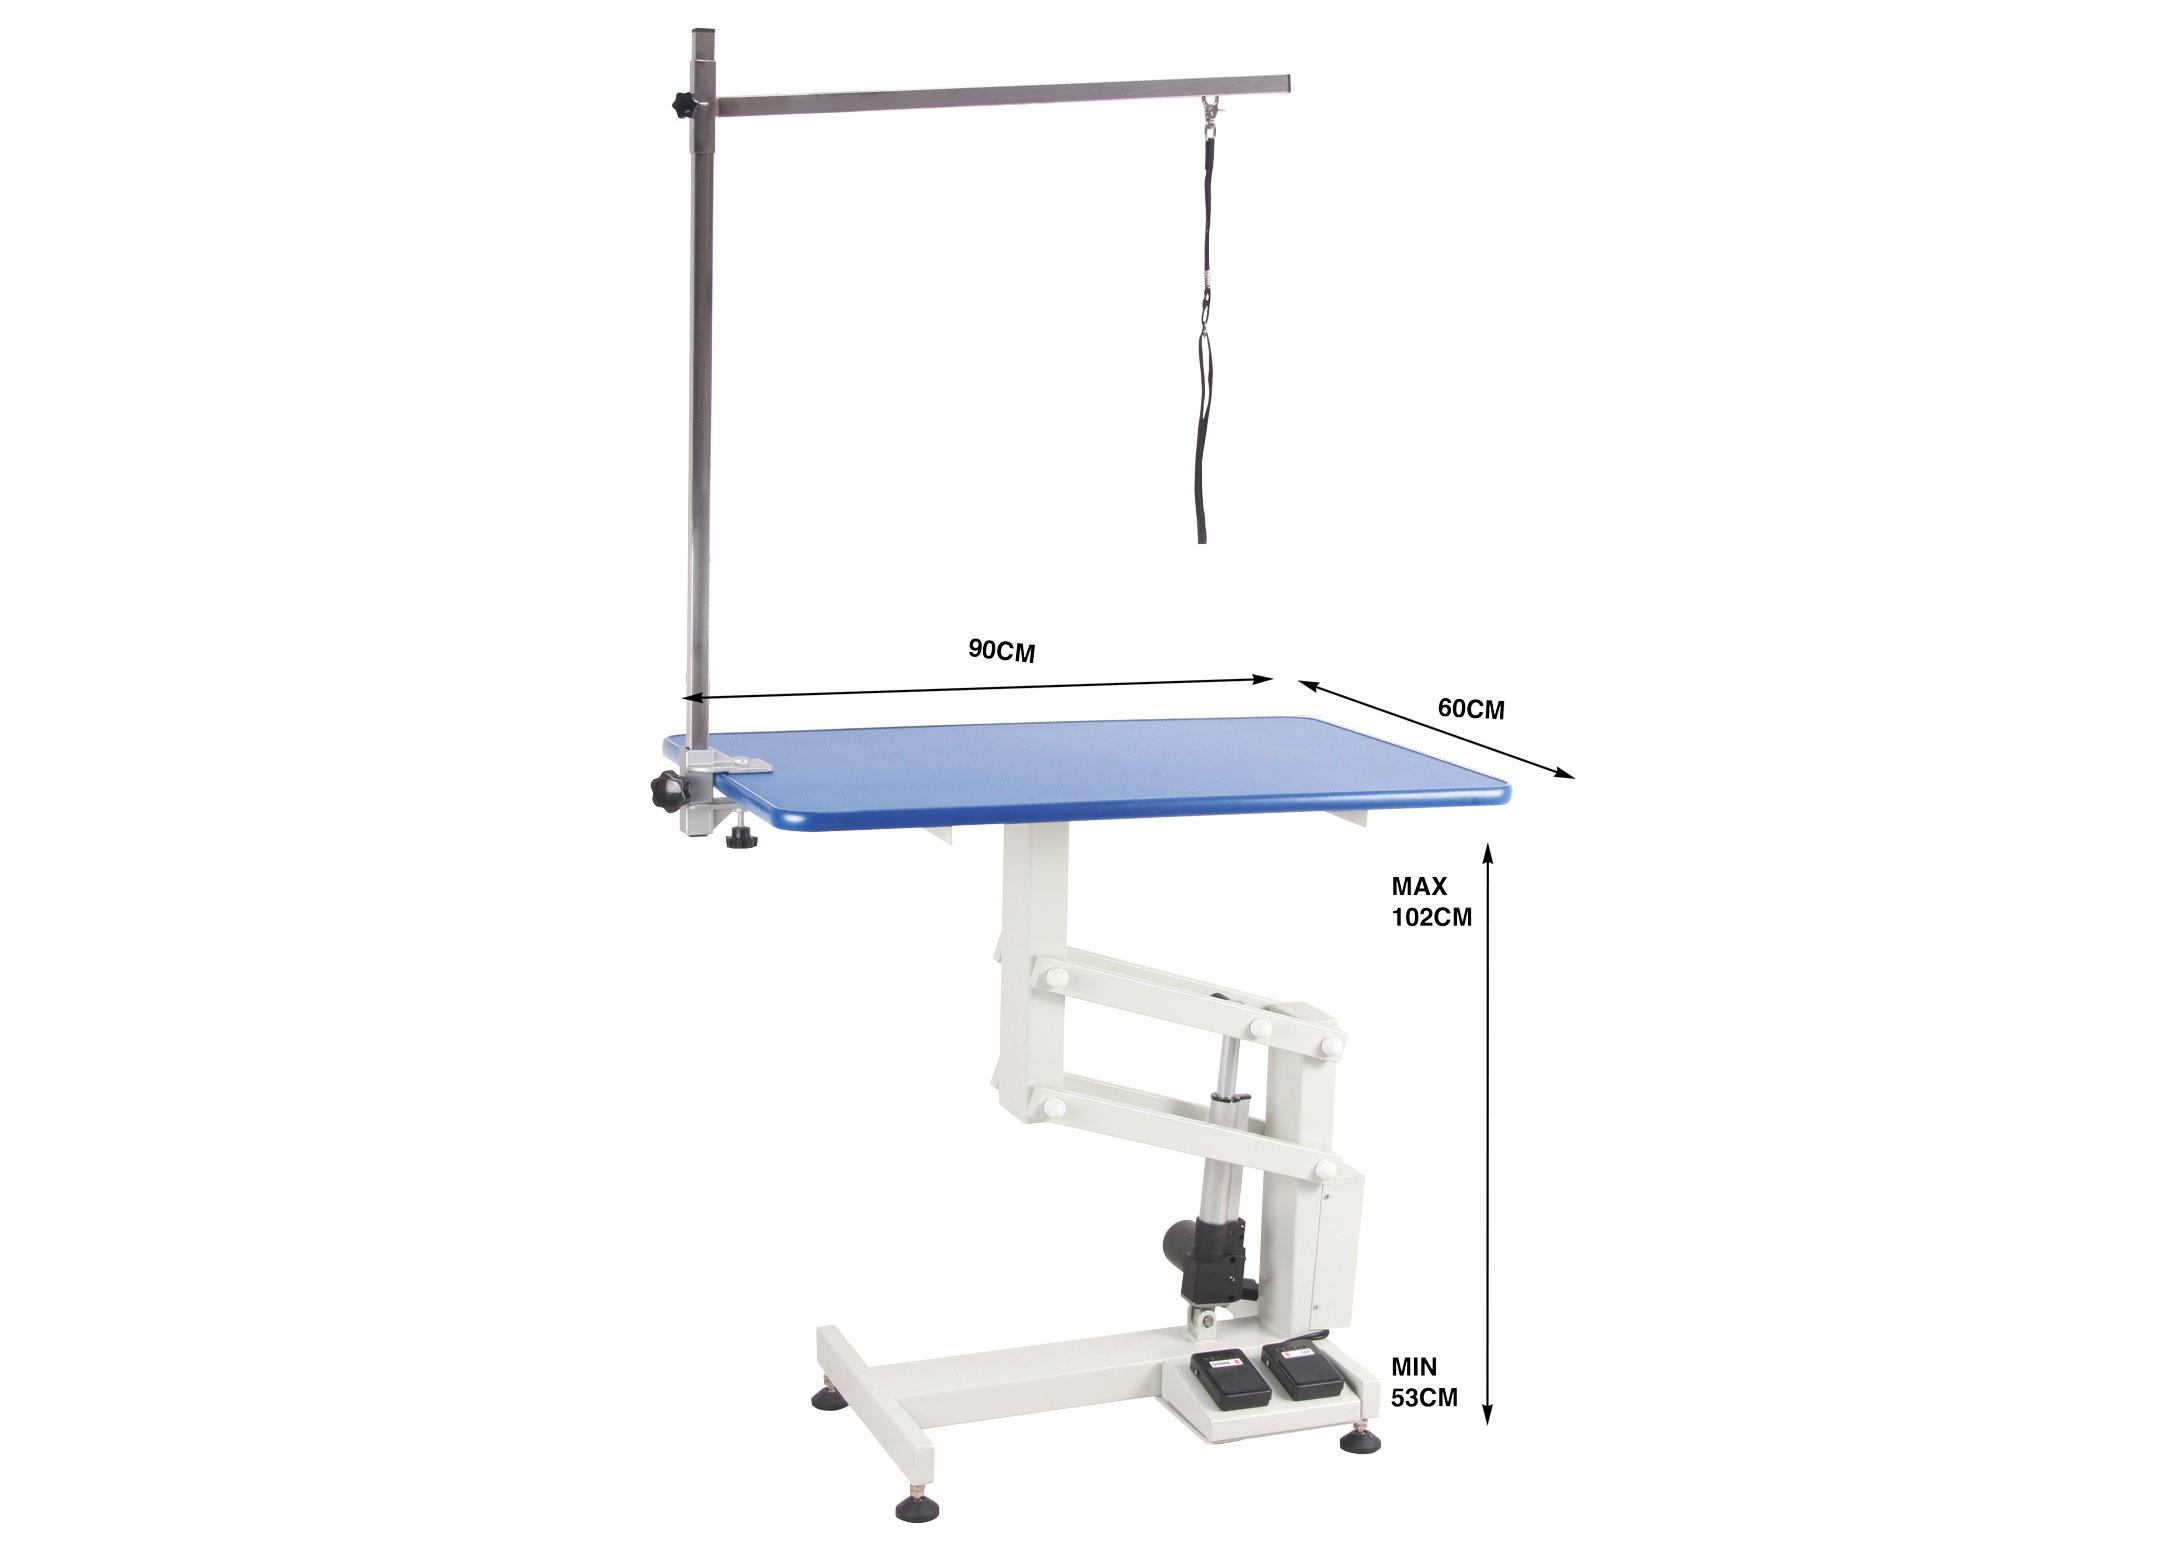 Groom-X Pro Compact Table de Toilettage Electrique 90x60x53-102cmh avec Potence